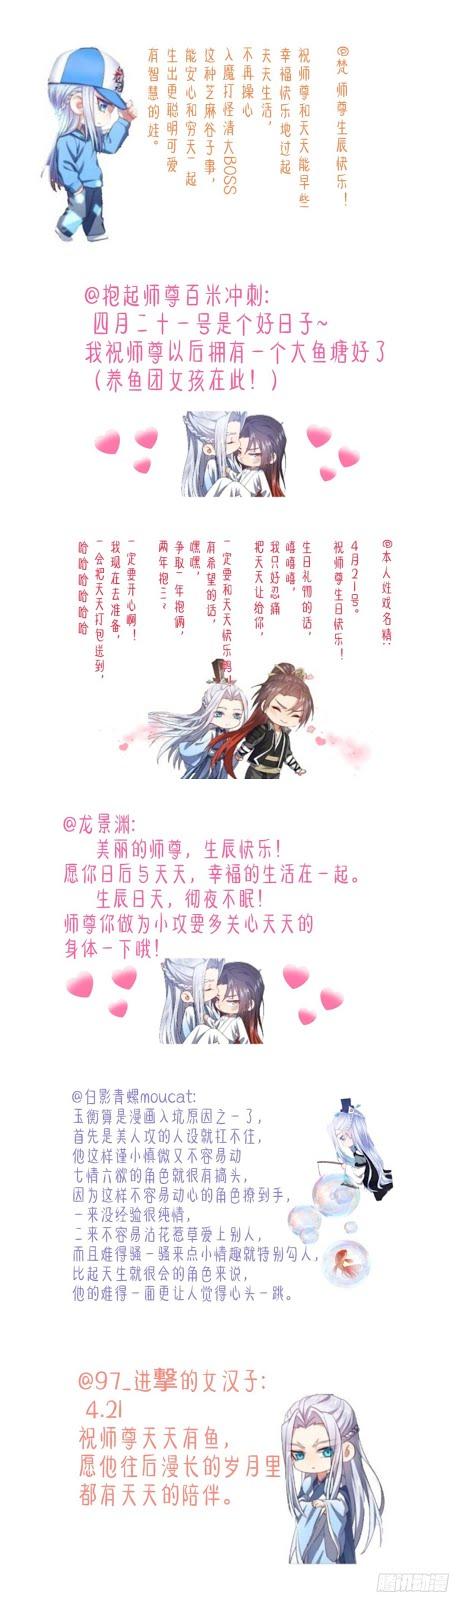 化龍記: 師尊生辰賀禮(同人圖文免費章) - 第7页